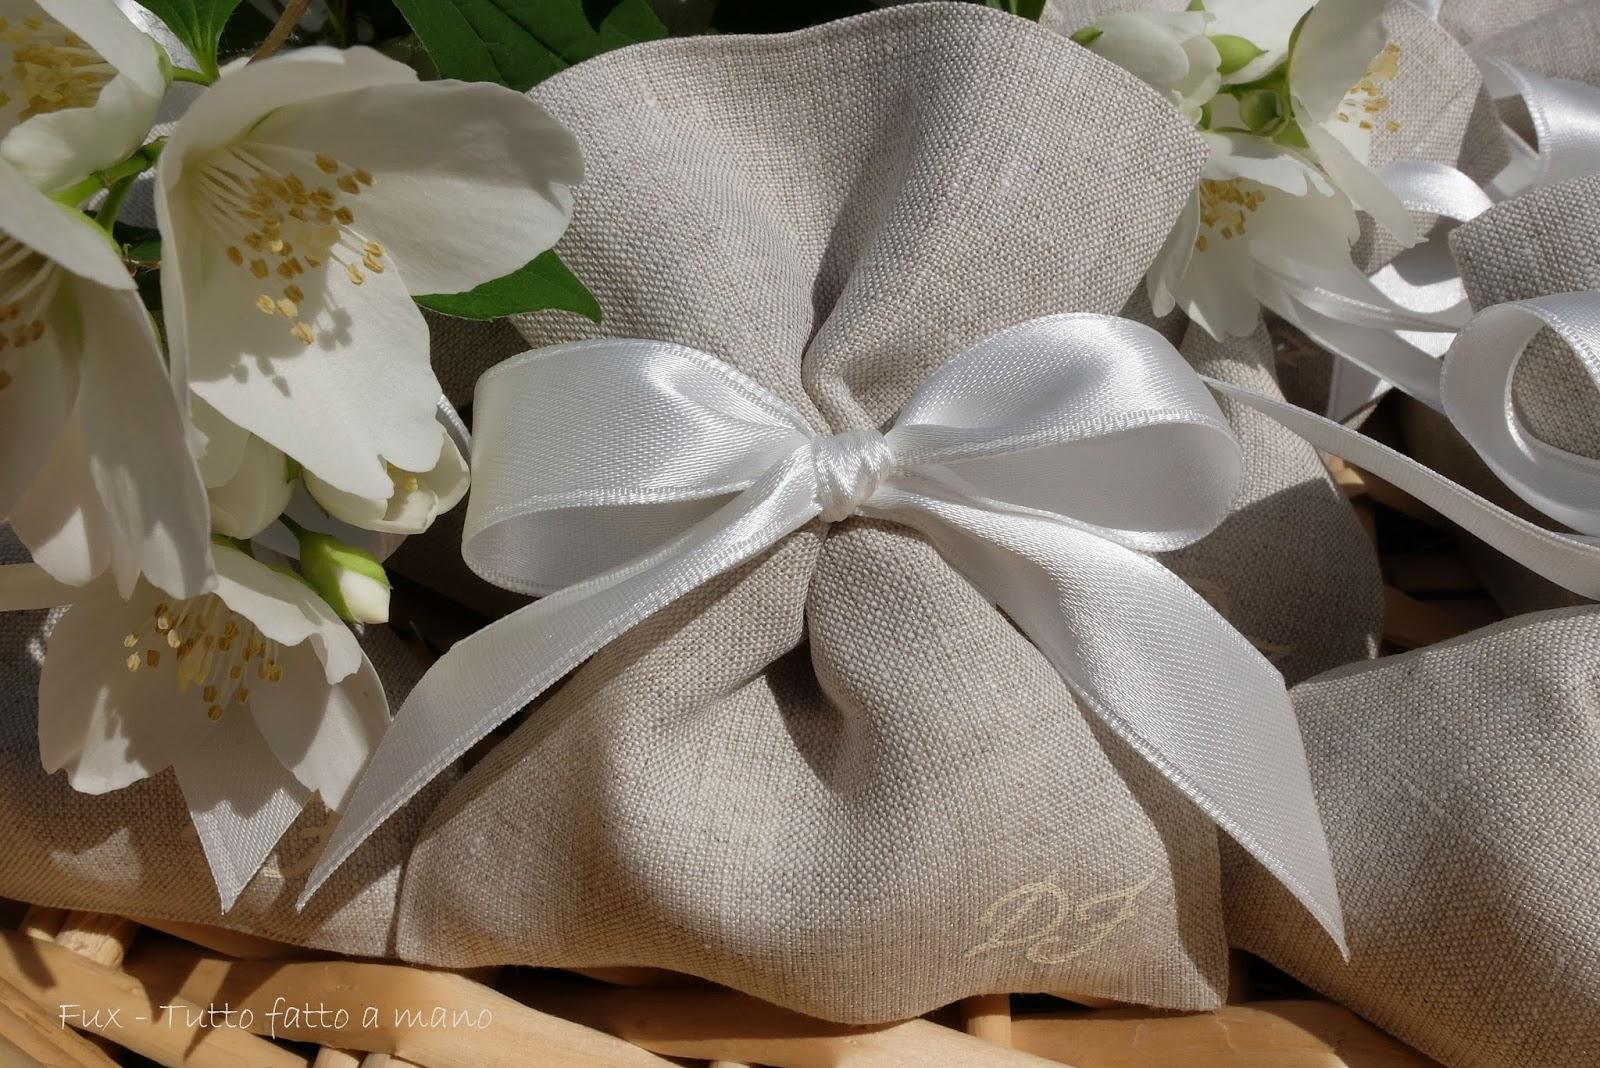 Matrimonio In Bianco : Fux tutto fatto a mano matrimonio lino ecru e raso bianco